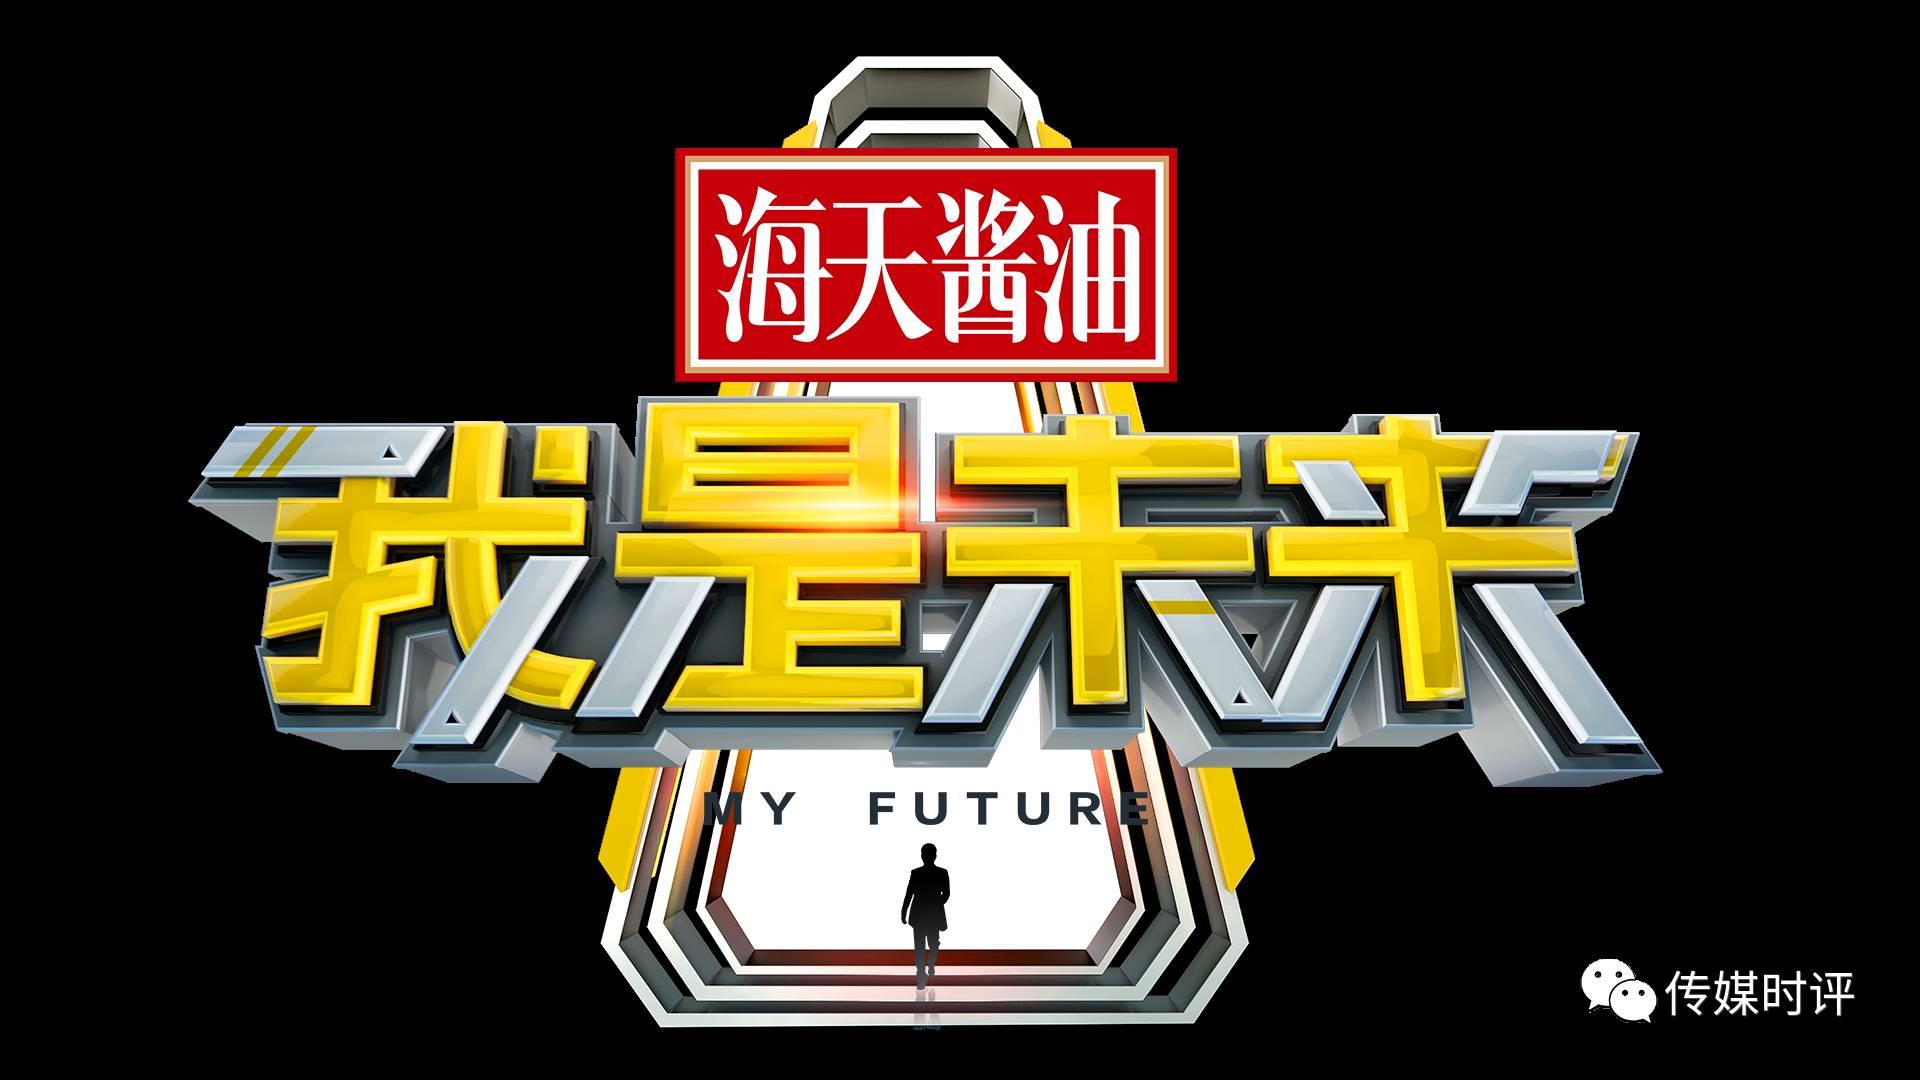 """科技嫁接综艺,湖南卫视《我是未来》做了一档""""地球人""""请""""外星人""""看的节目_搜狐科技_搜狐网"""